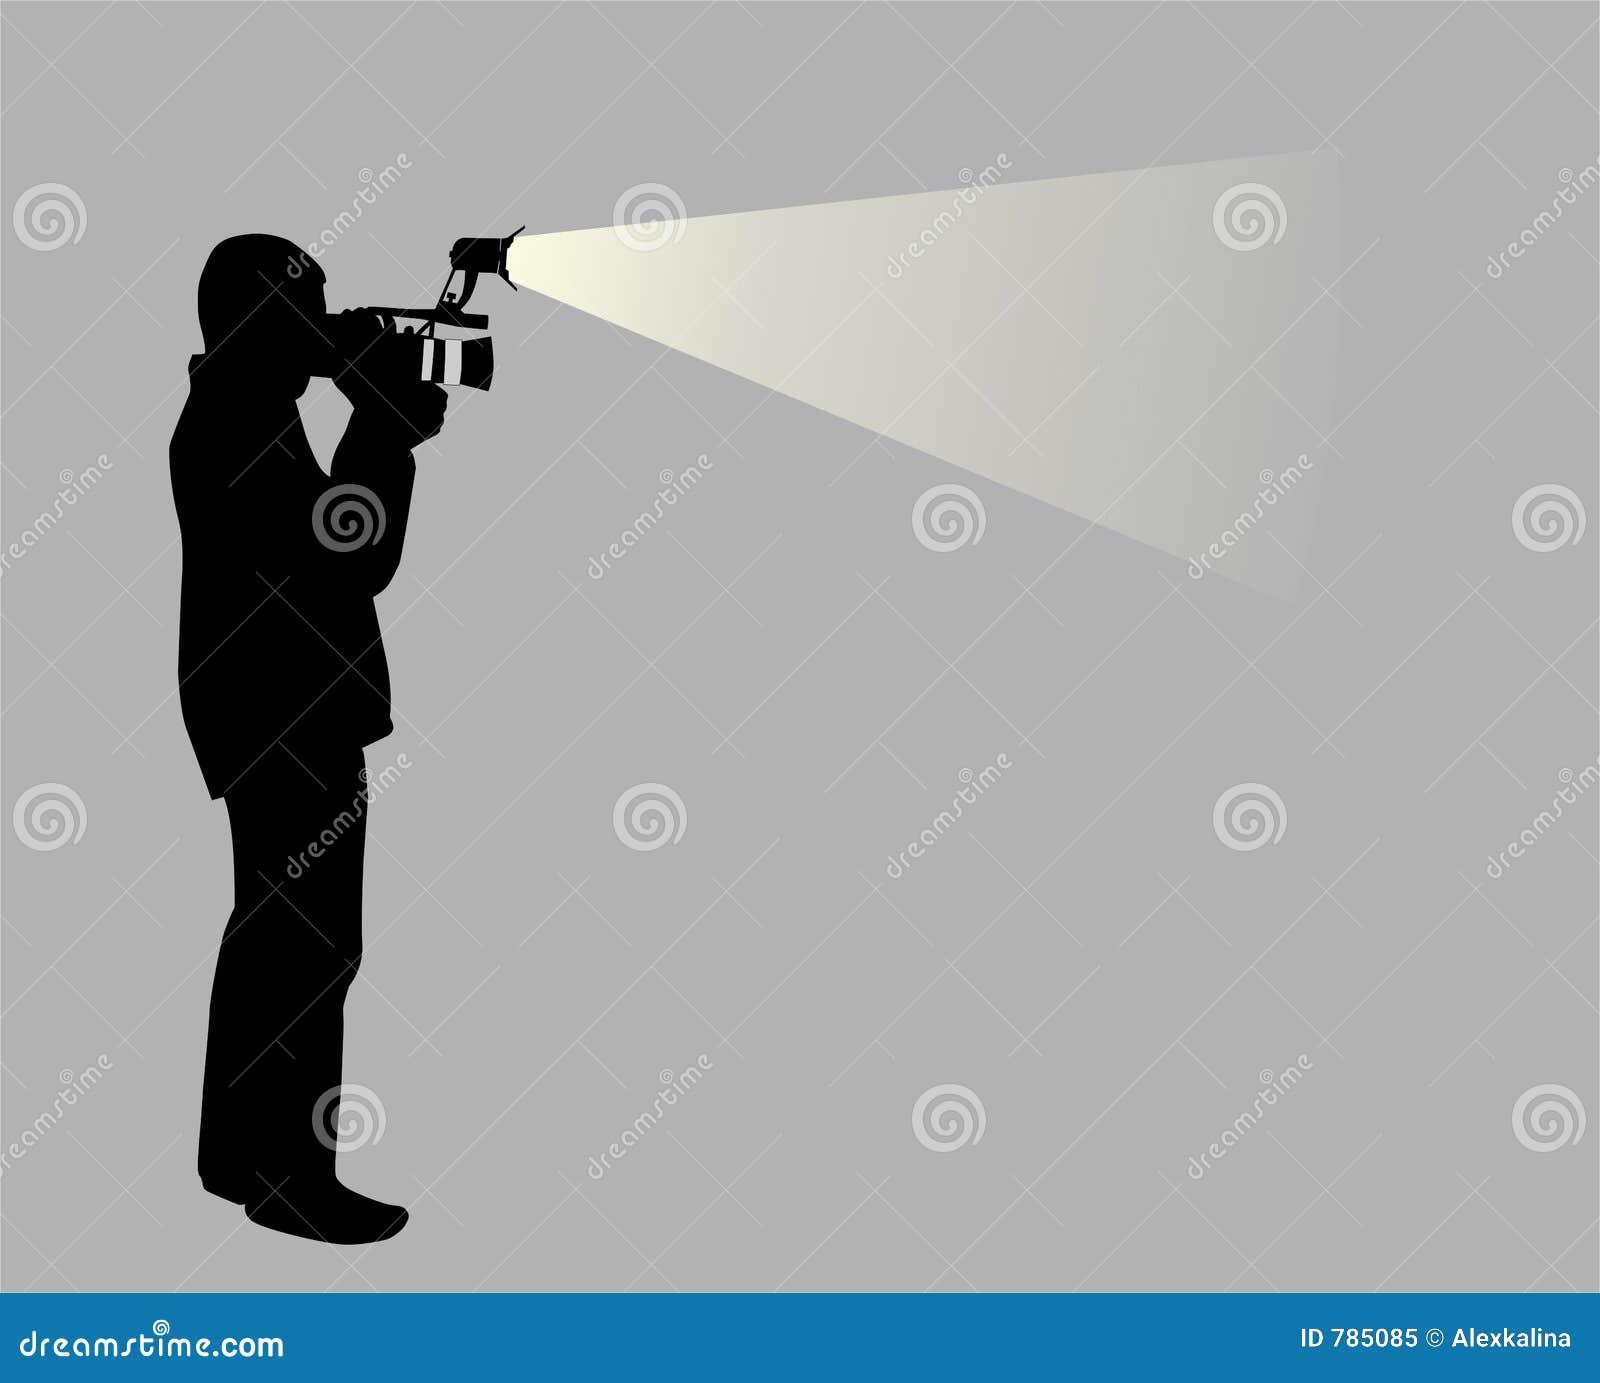 βίντεο χειριστών